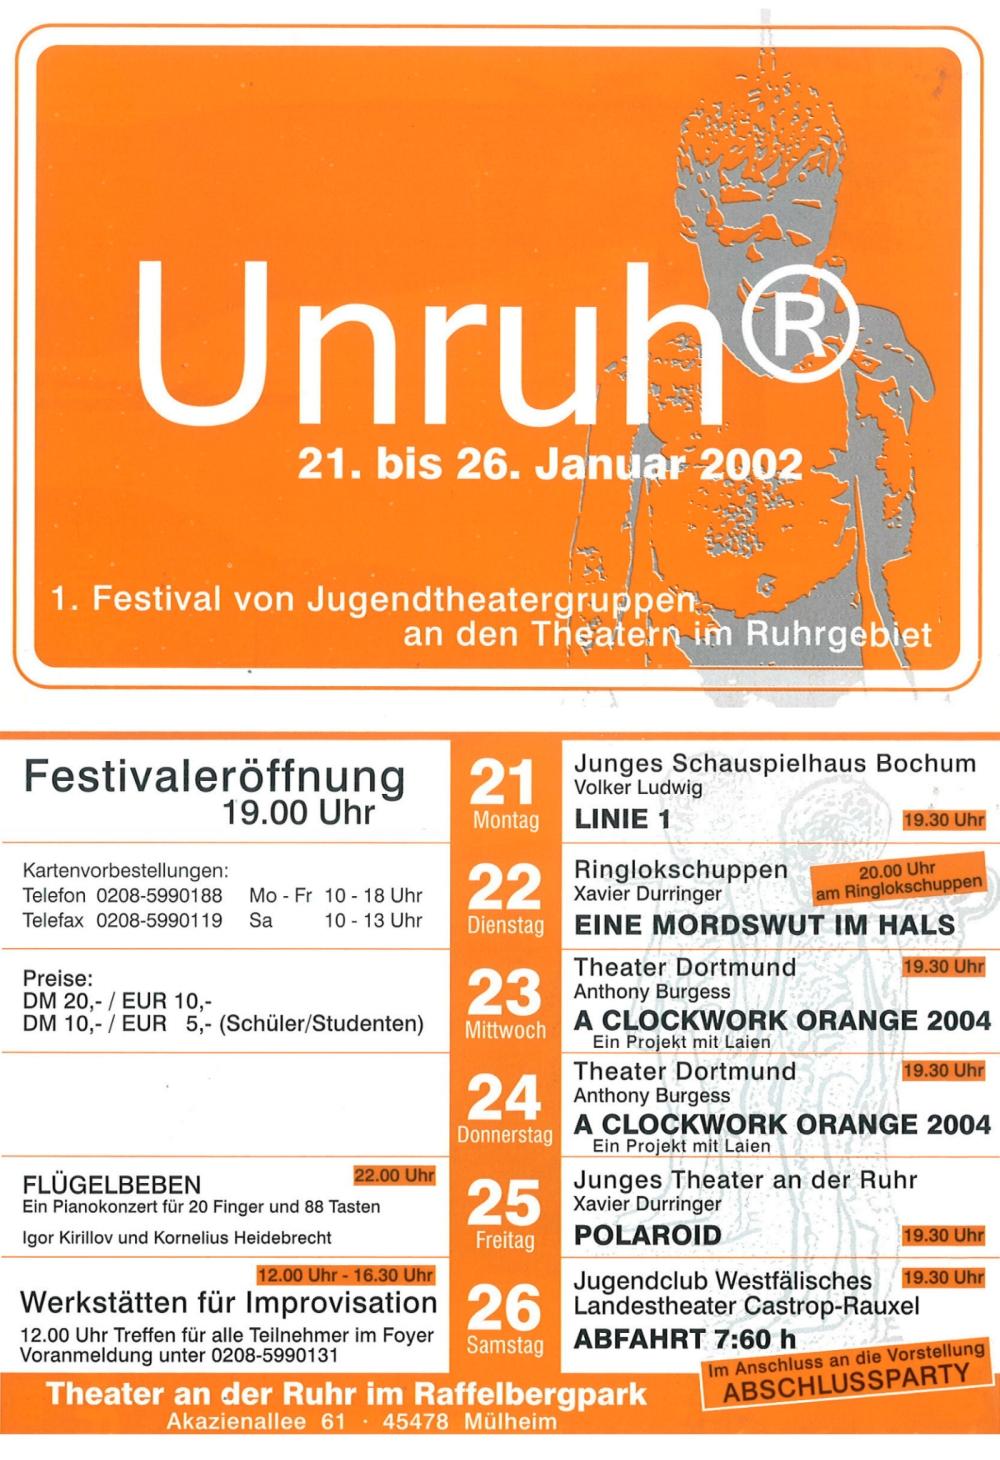 unruhr2002_teaser